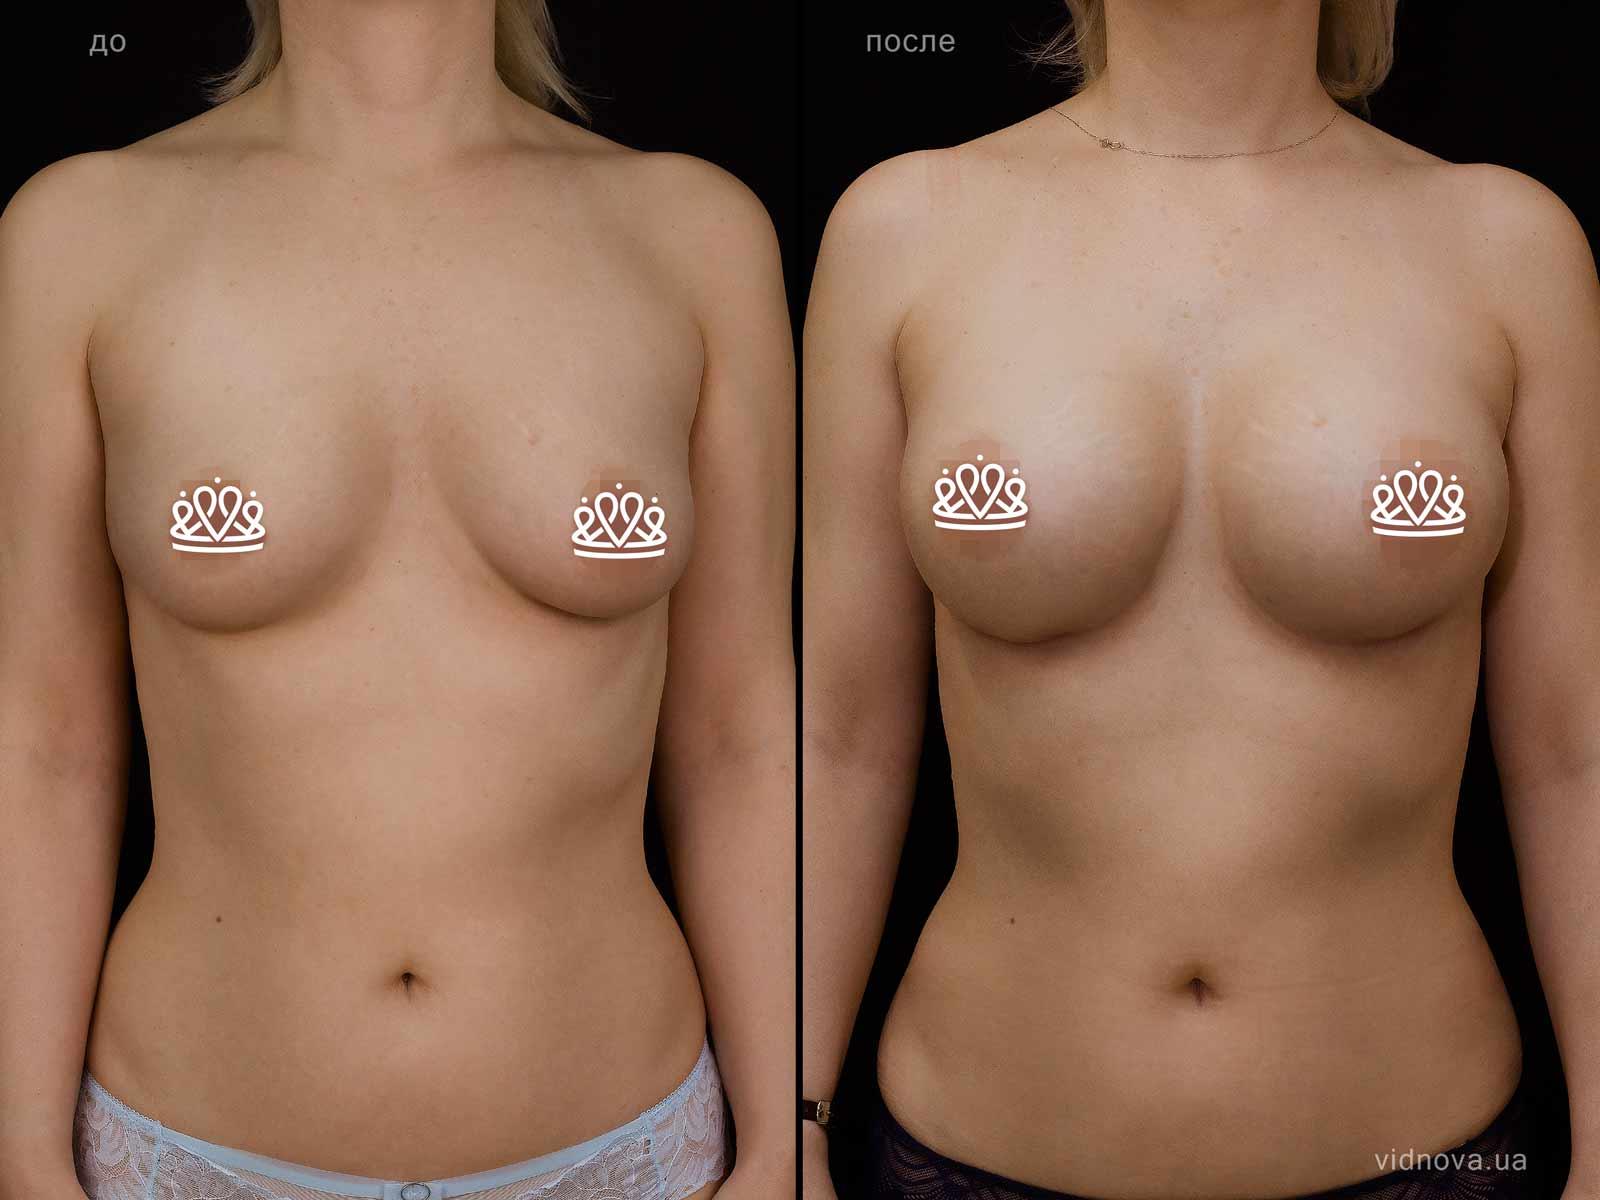 Пластика груди: результаты до и после - Пример №121-0 - Светлана Работенко